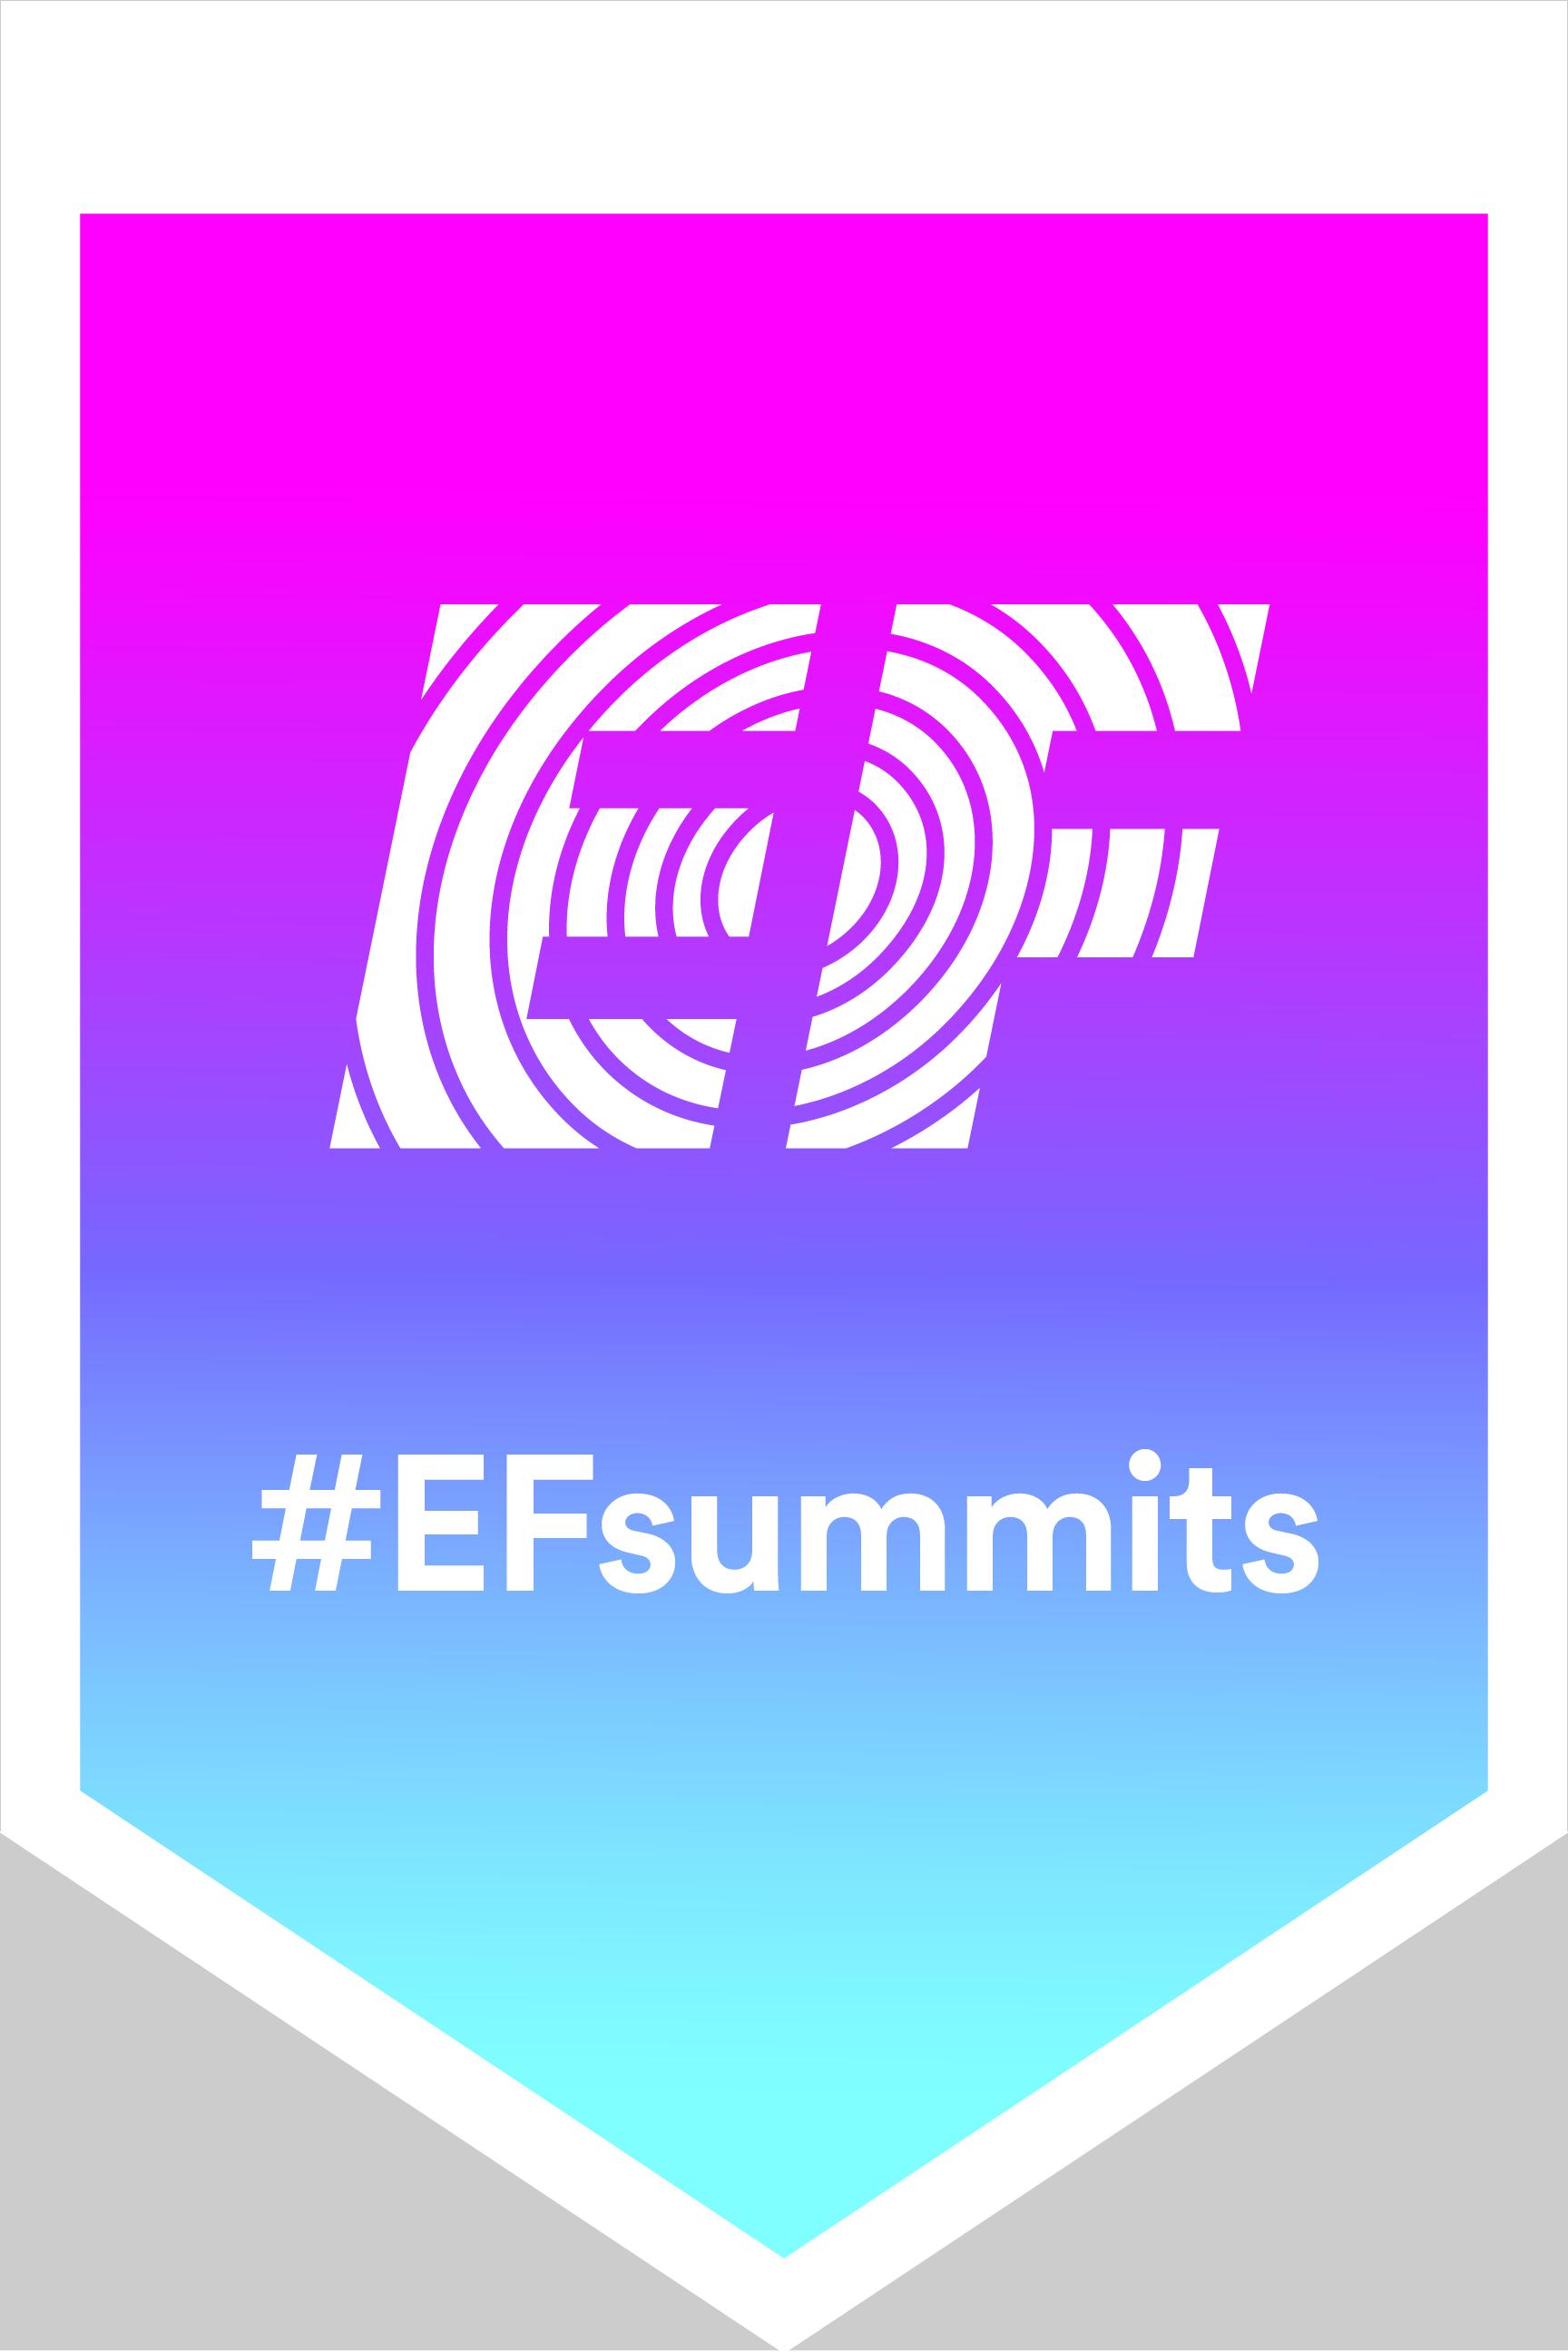 EF #EFsummits - g-100.jpg